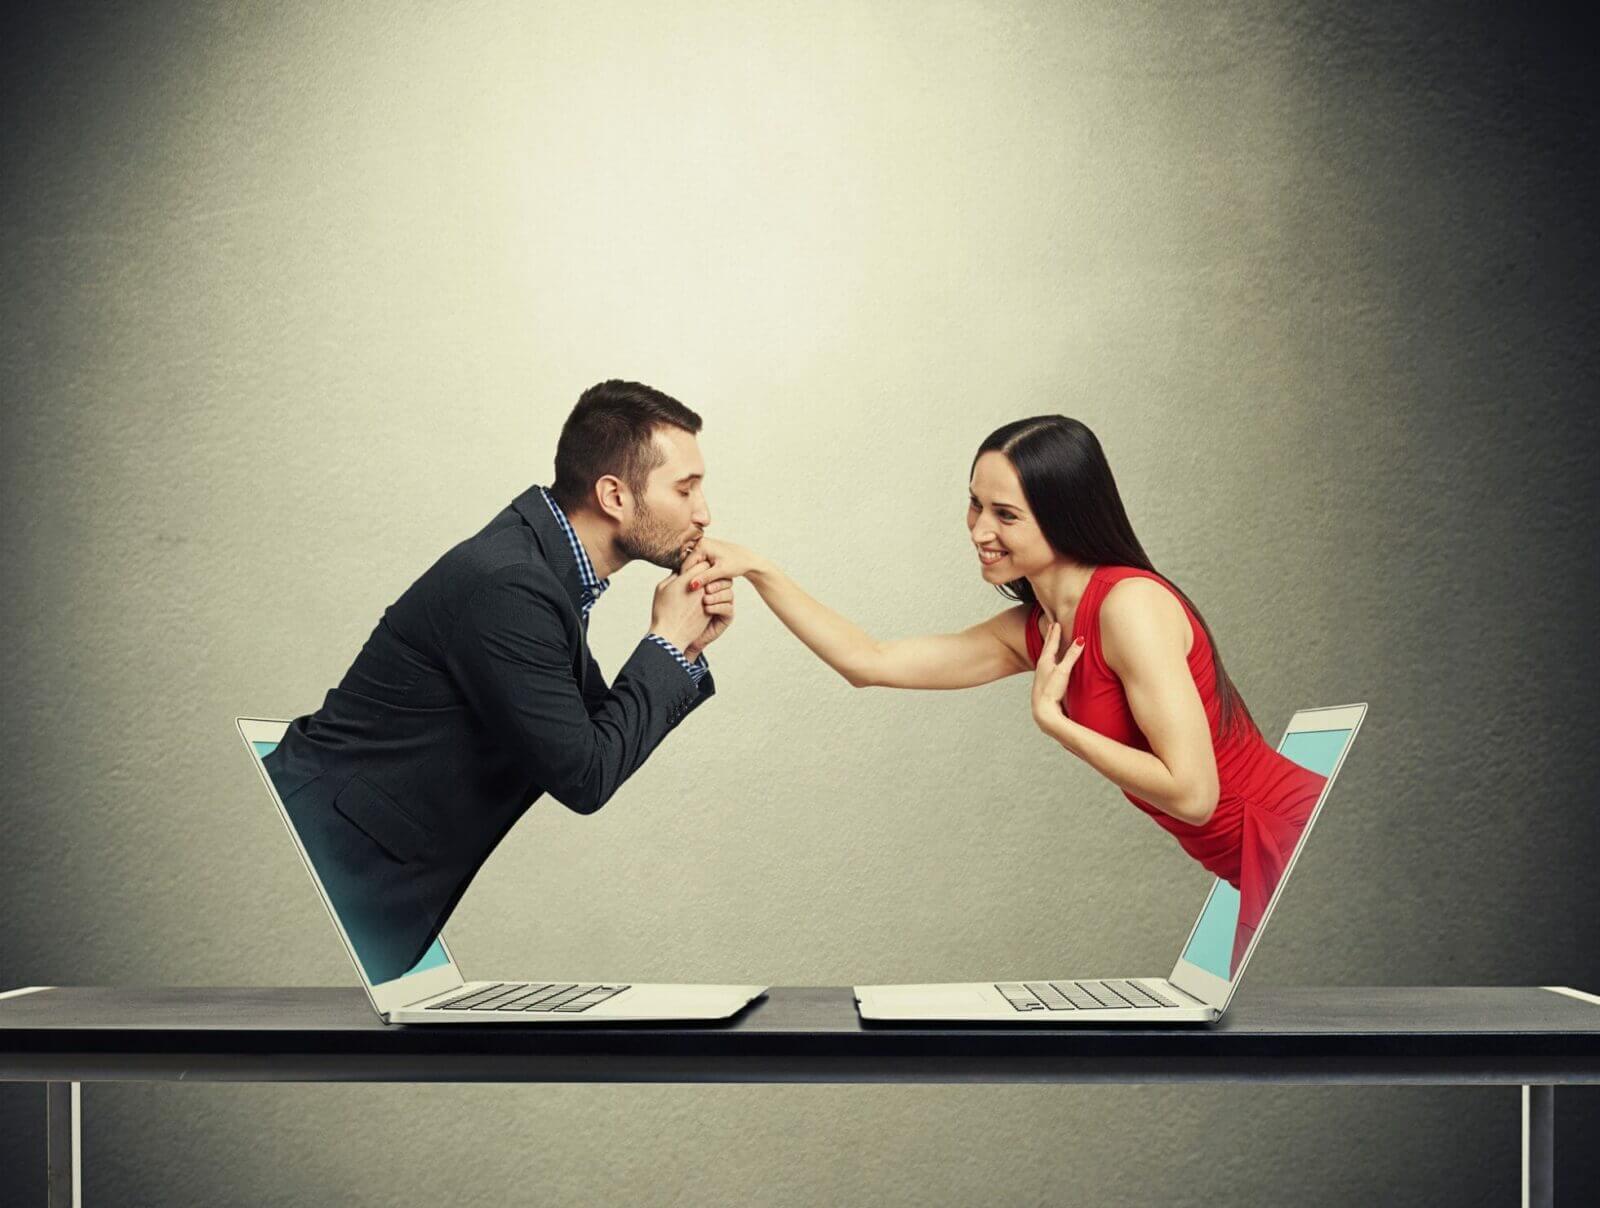 Online Dating Liebe sicher Spaßfaktor